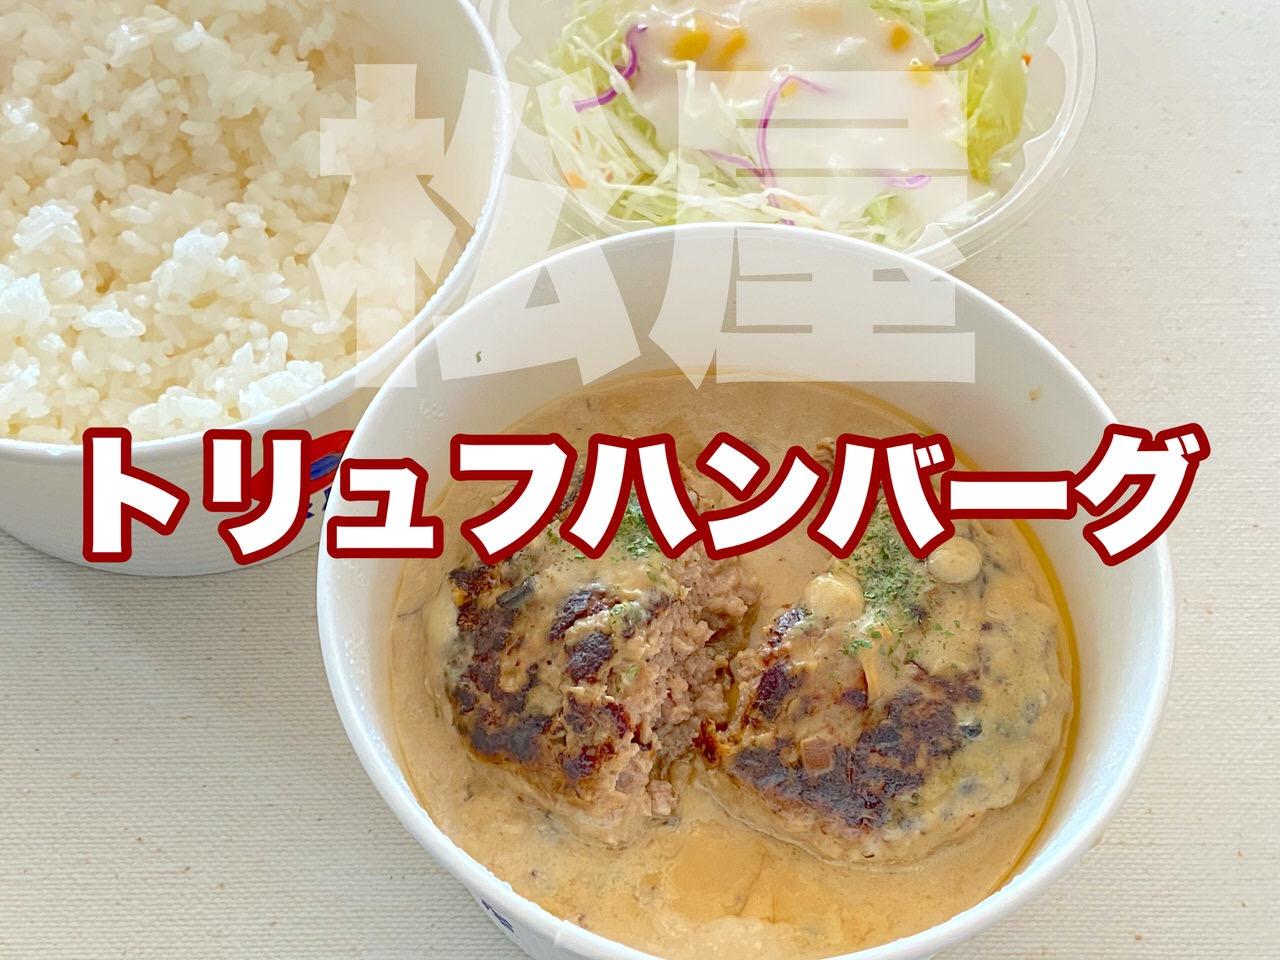 【松屋】トリュフにガーリックに粗挽き肉!ソースもハンバーグも全て美味い「黒トリュフソースのビーフハンバーグ定食」